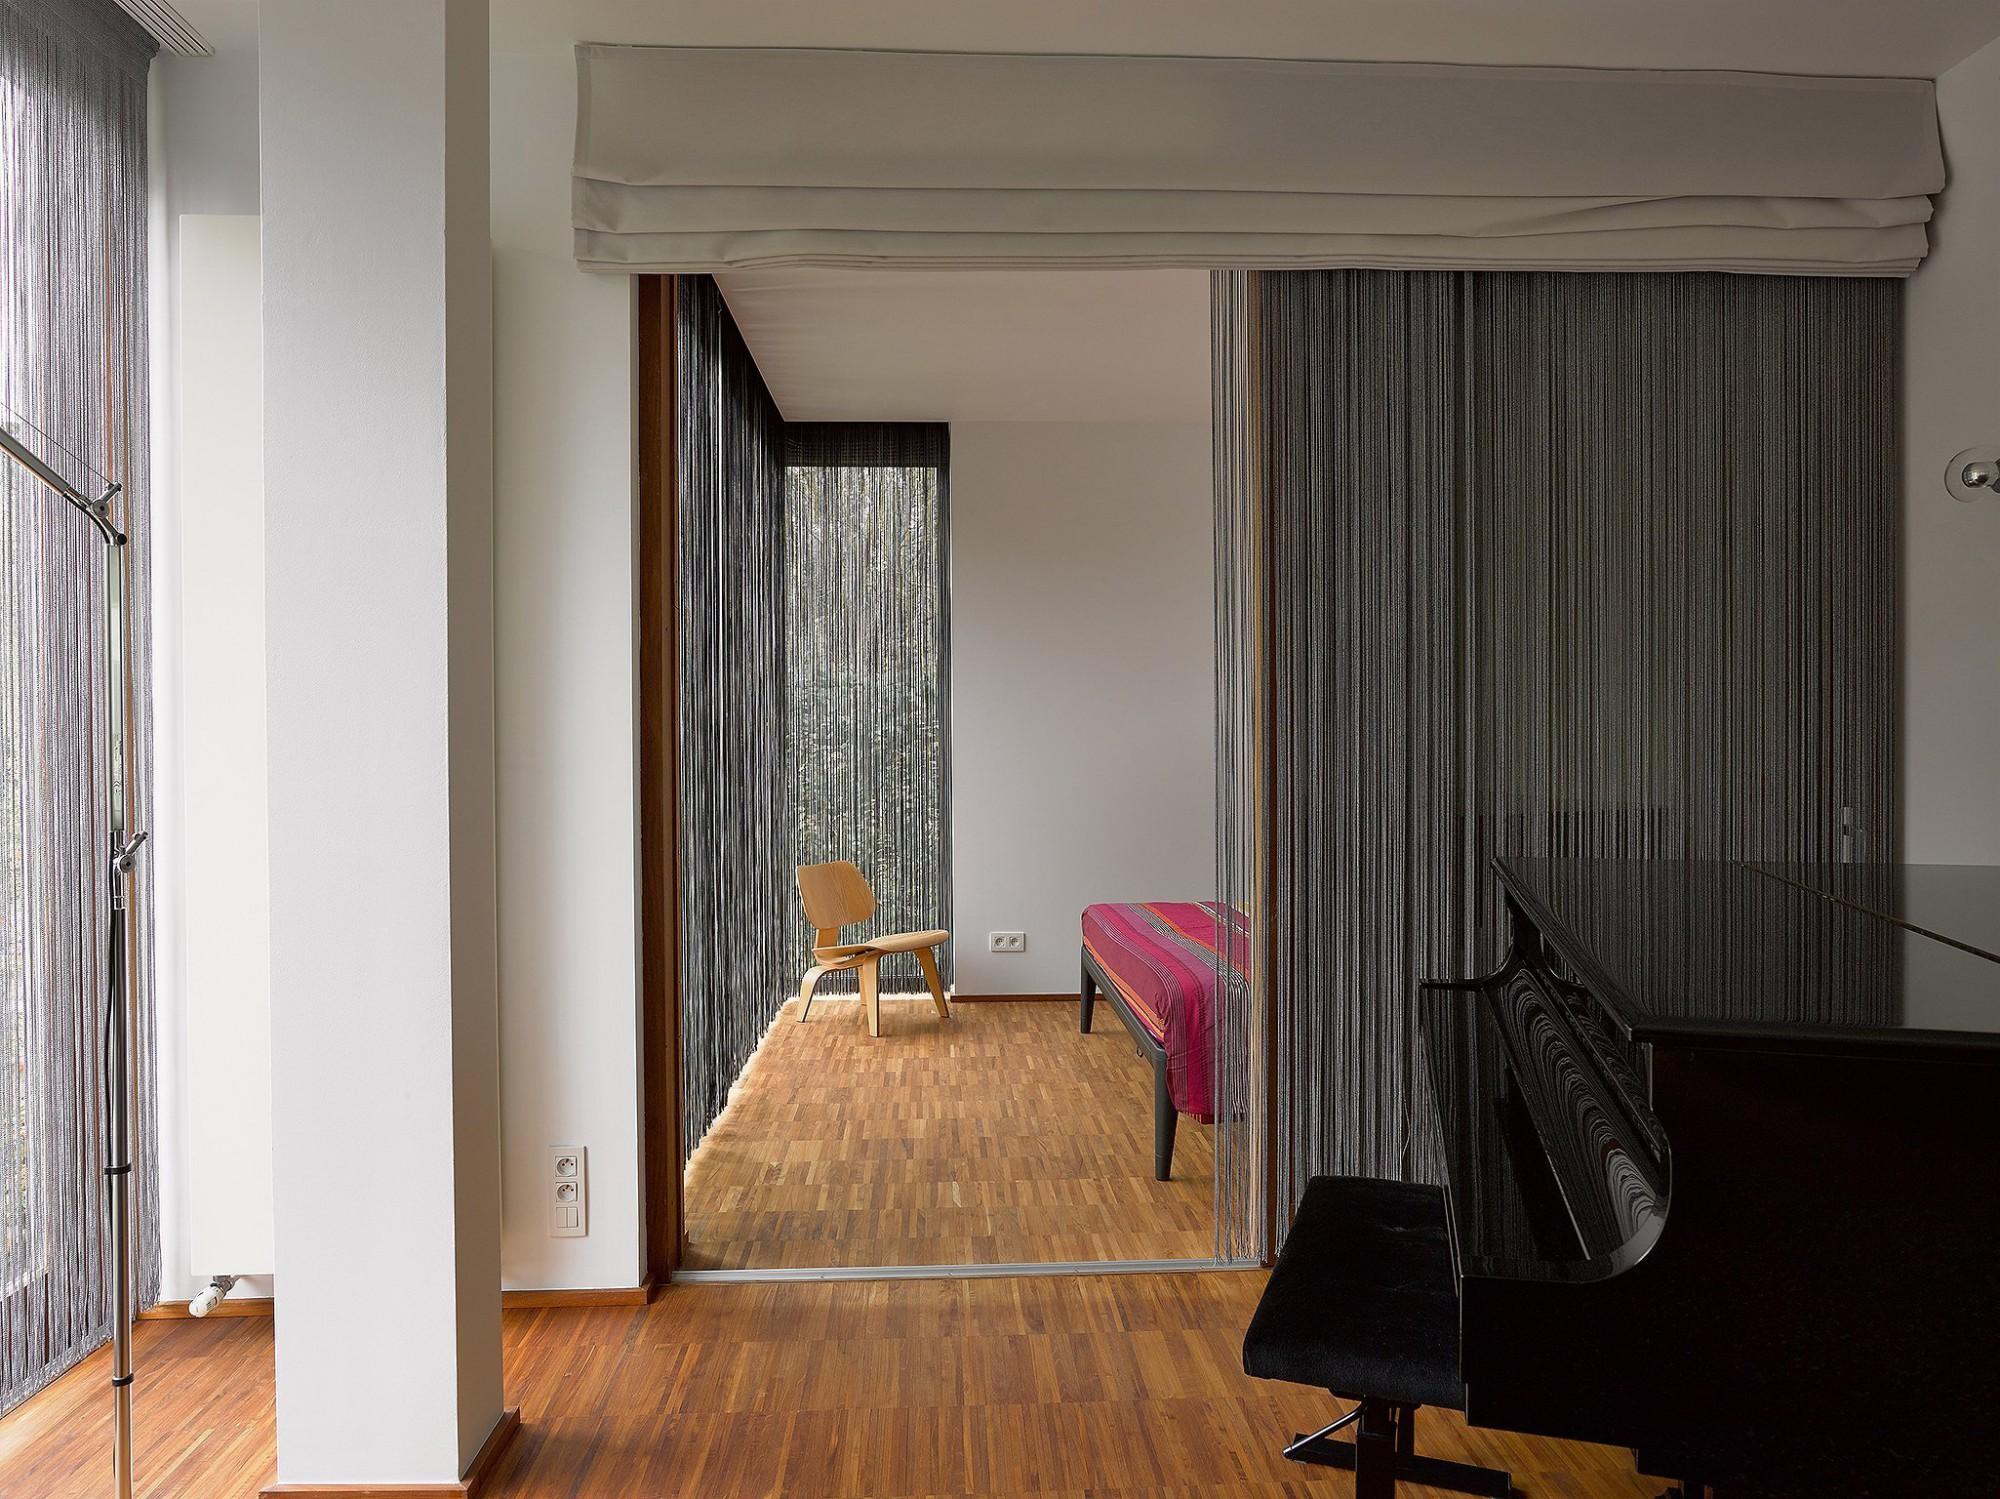 Afbeelding: Uitbereiding leefruimte, voor Aldera.